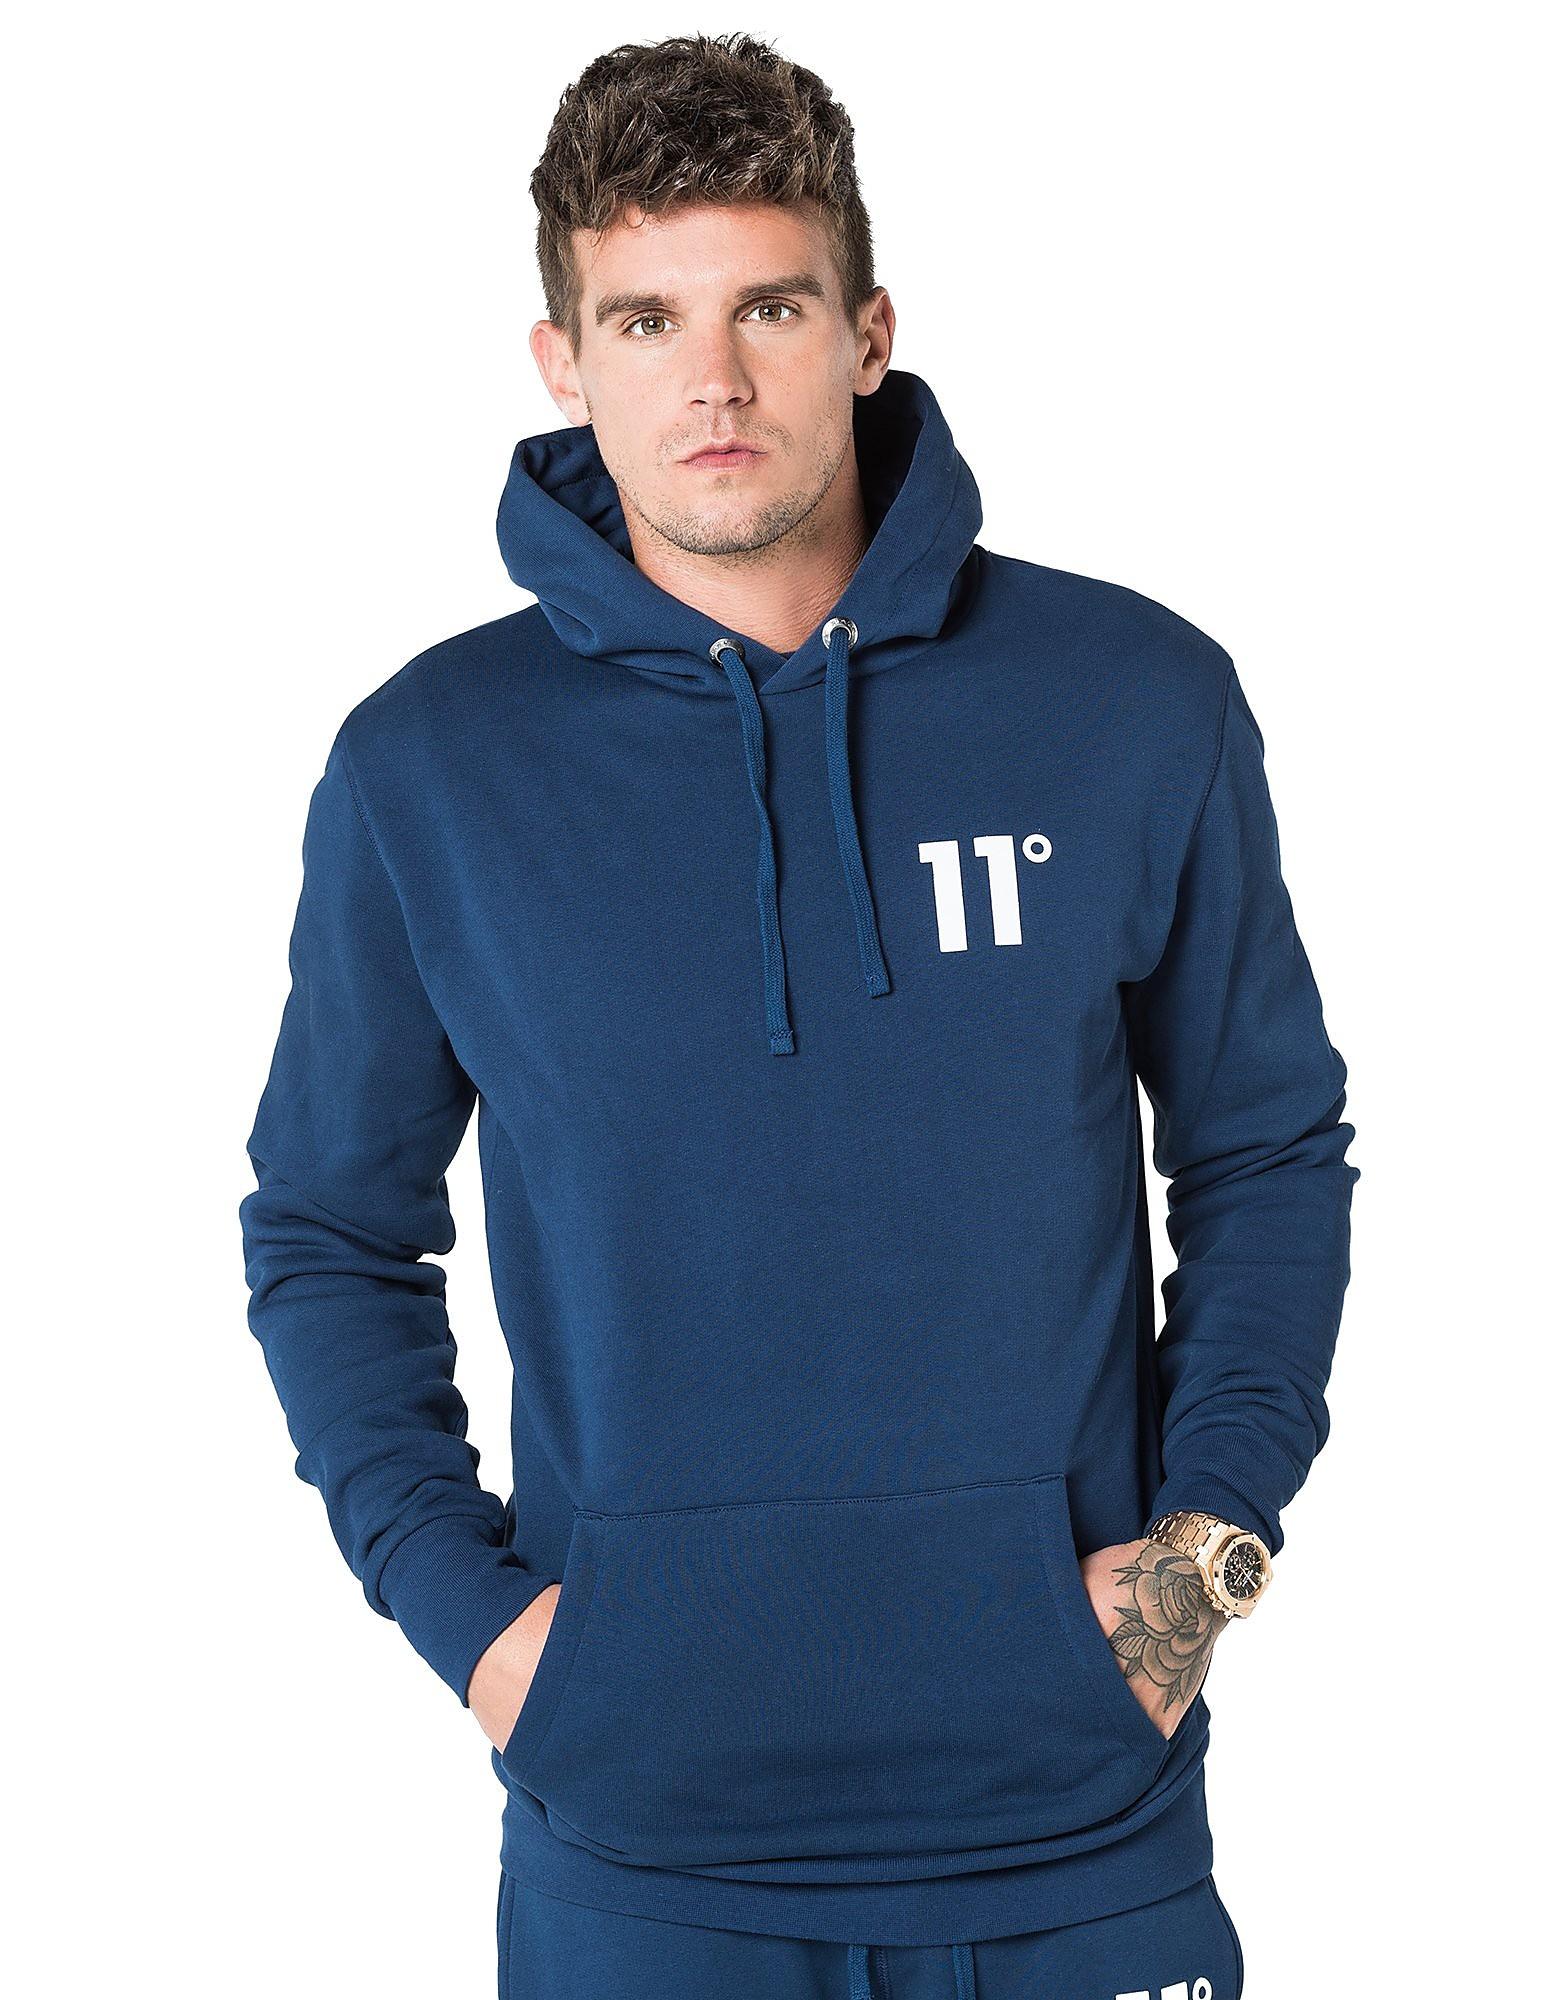 11 Degrees Core Fleece Overhead Hoody